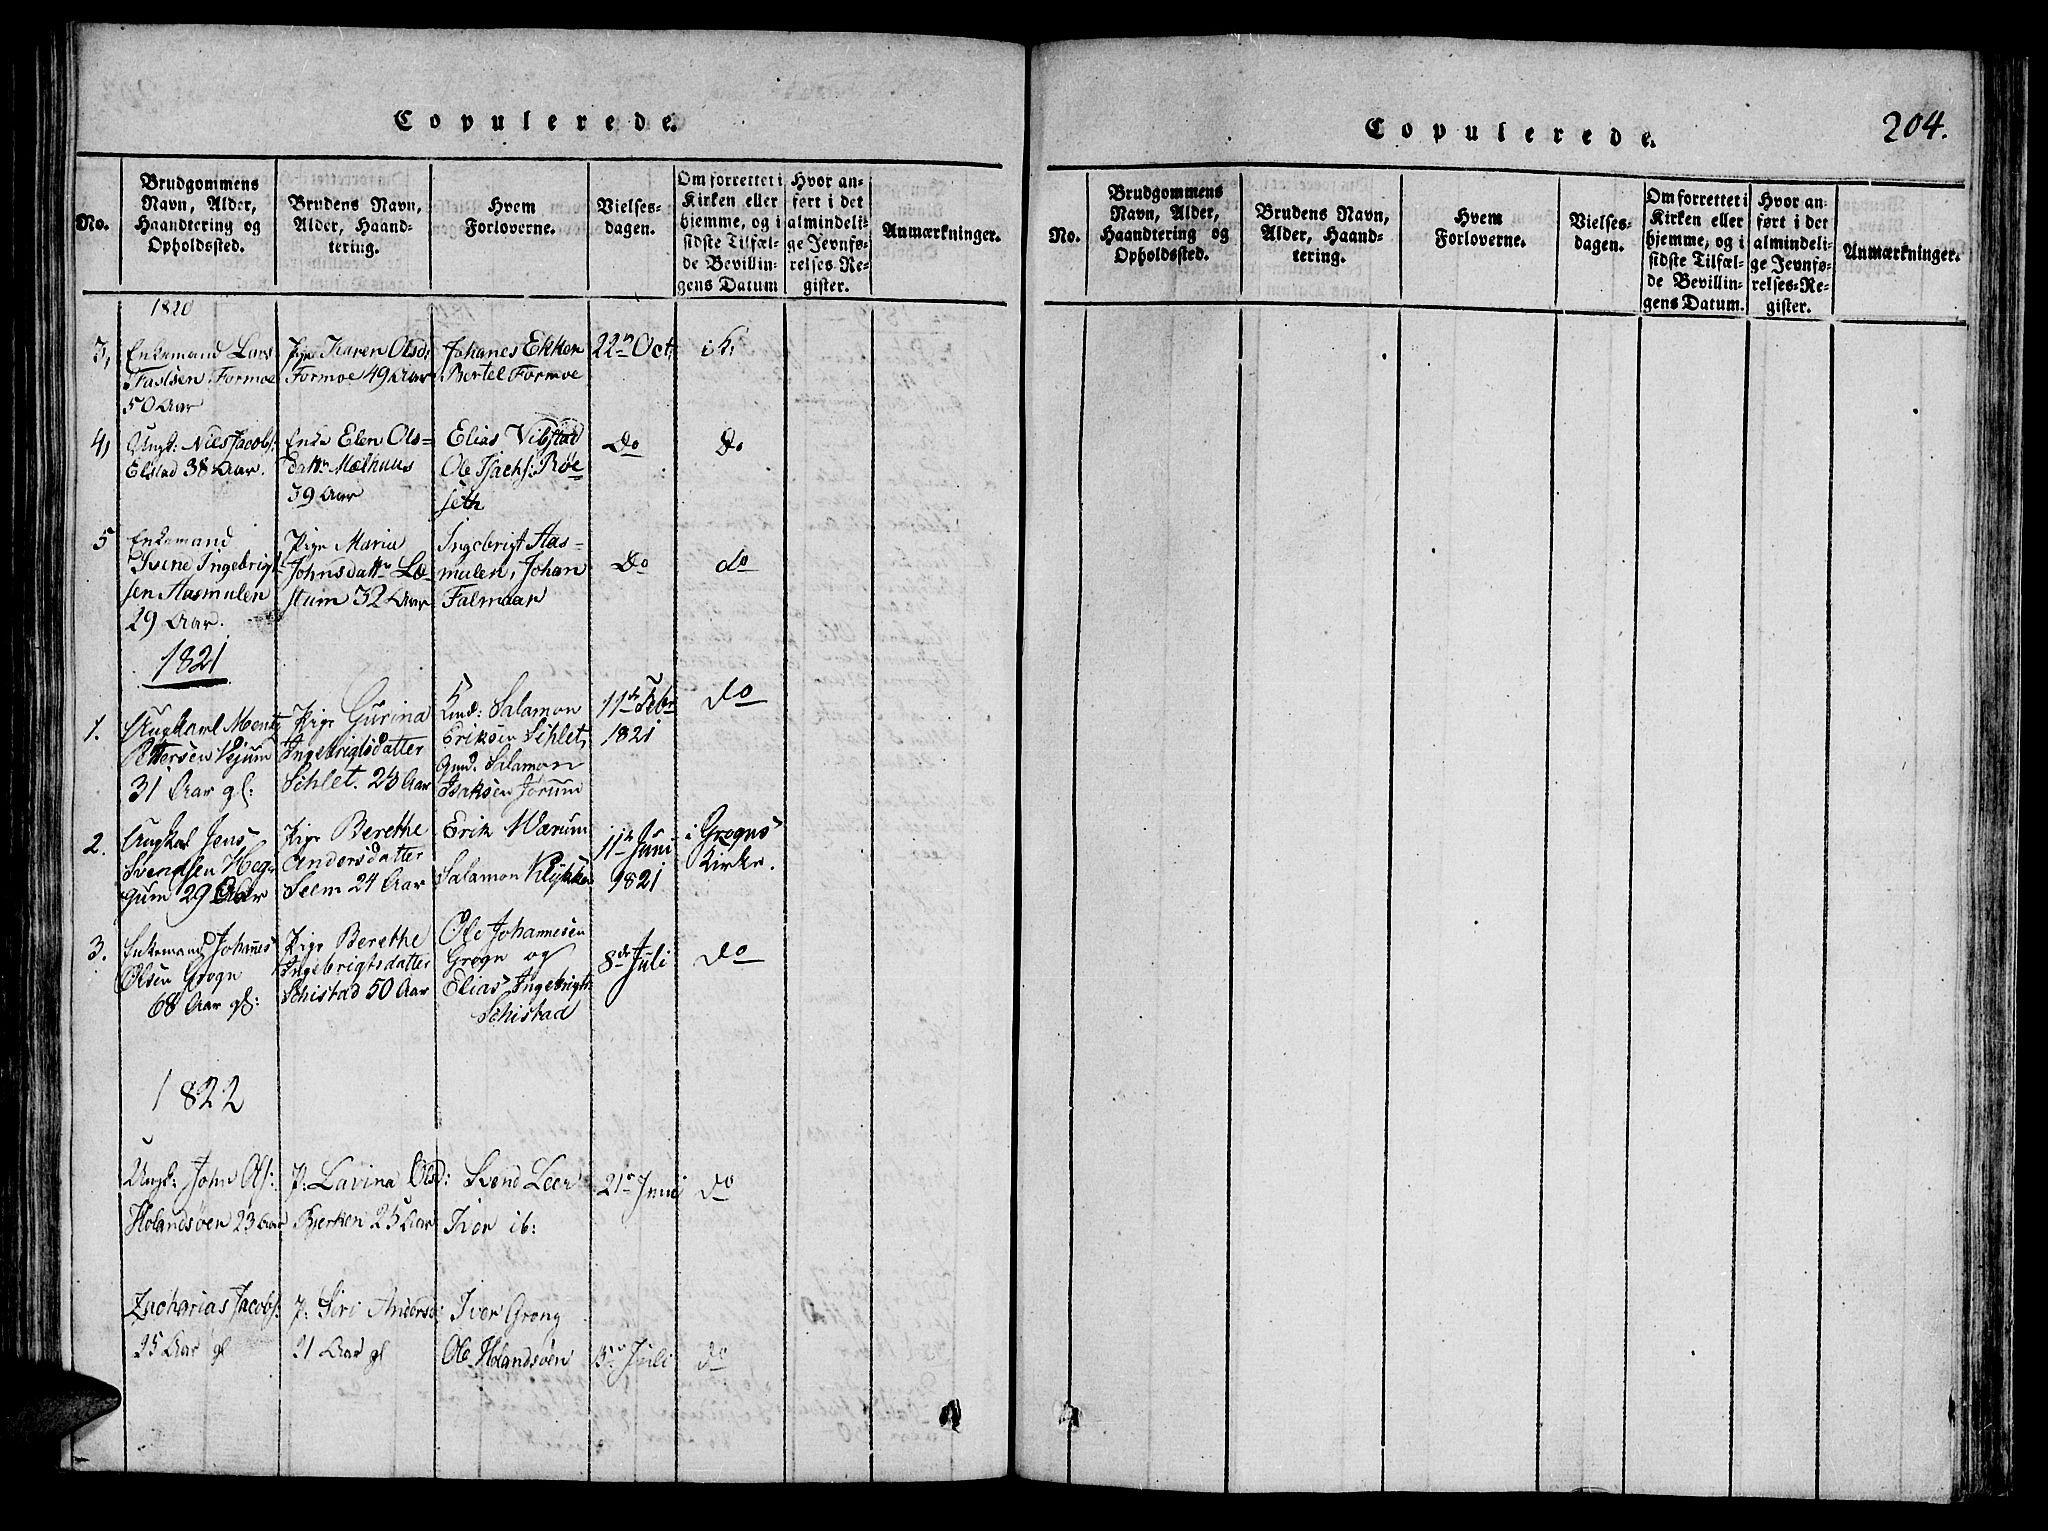 SAT, Ministerialprotokoller, klokkerbøker og fødselsregistre - Nord-Trøndelag, 764/L0546: Ministerialbok nr. 764A06 /2, 1817-1822, s. 204